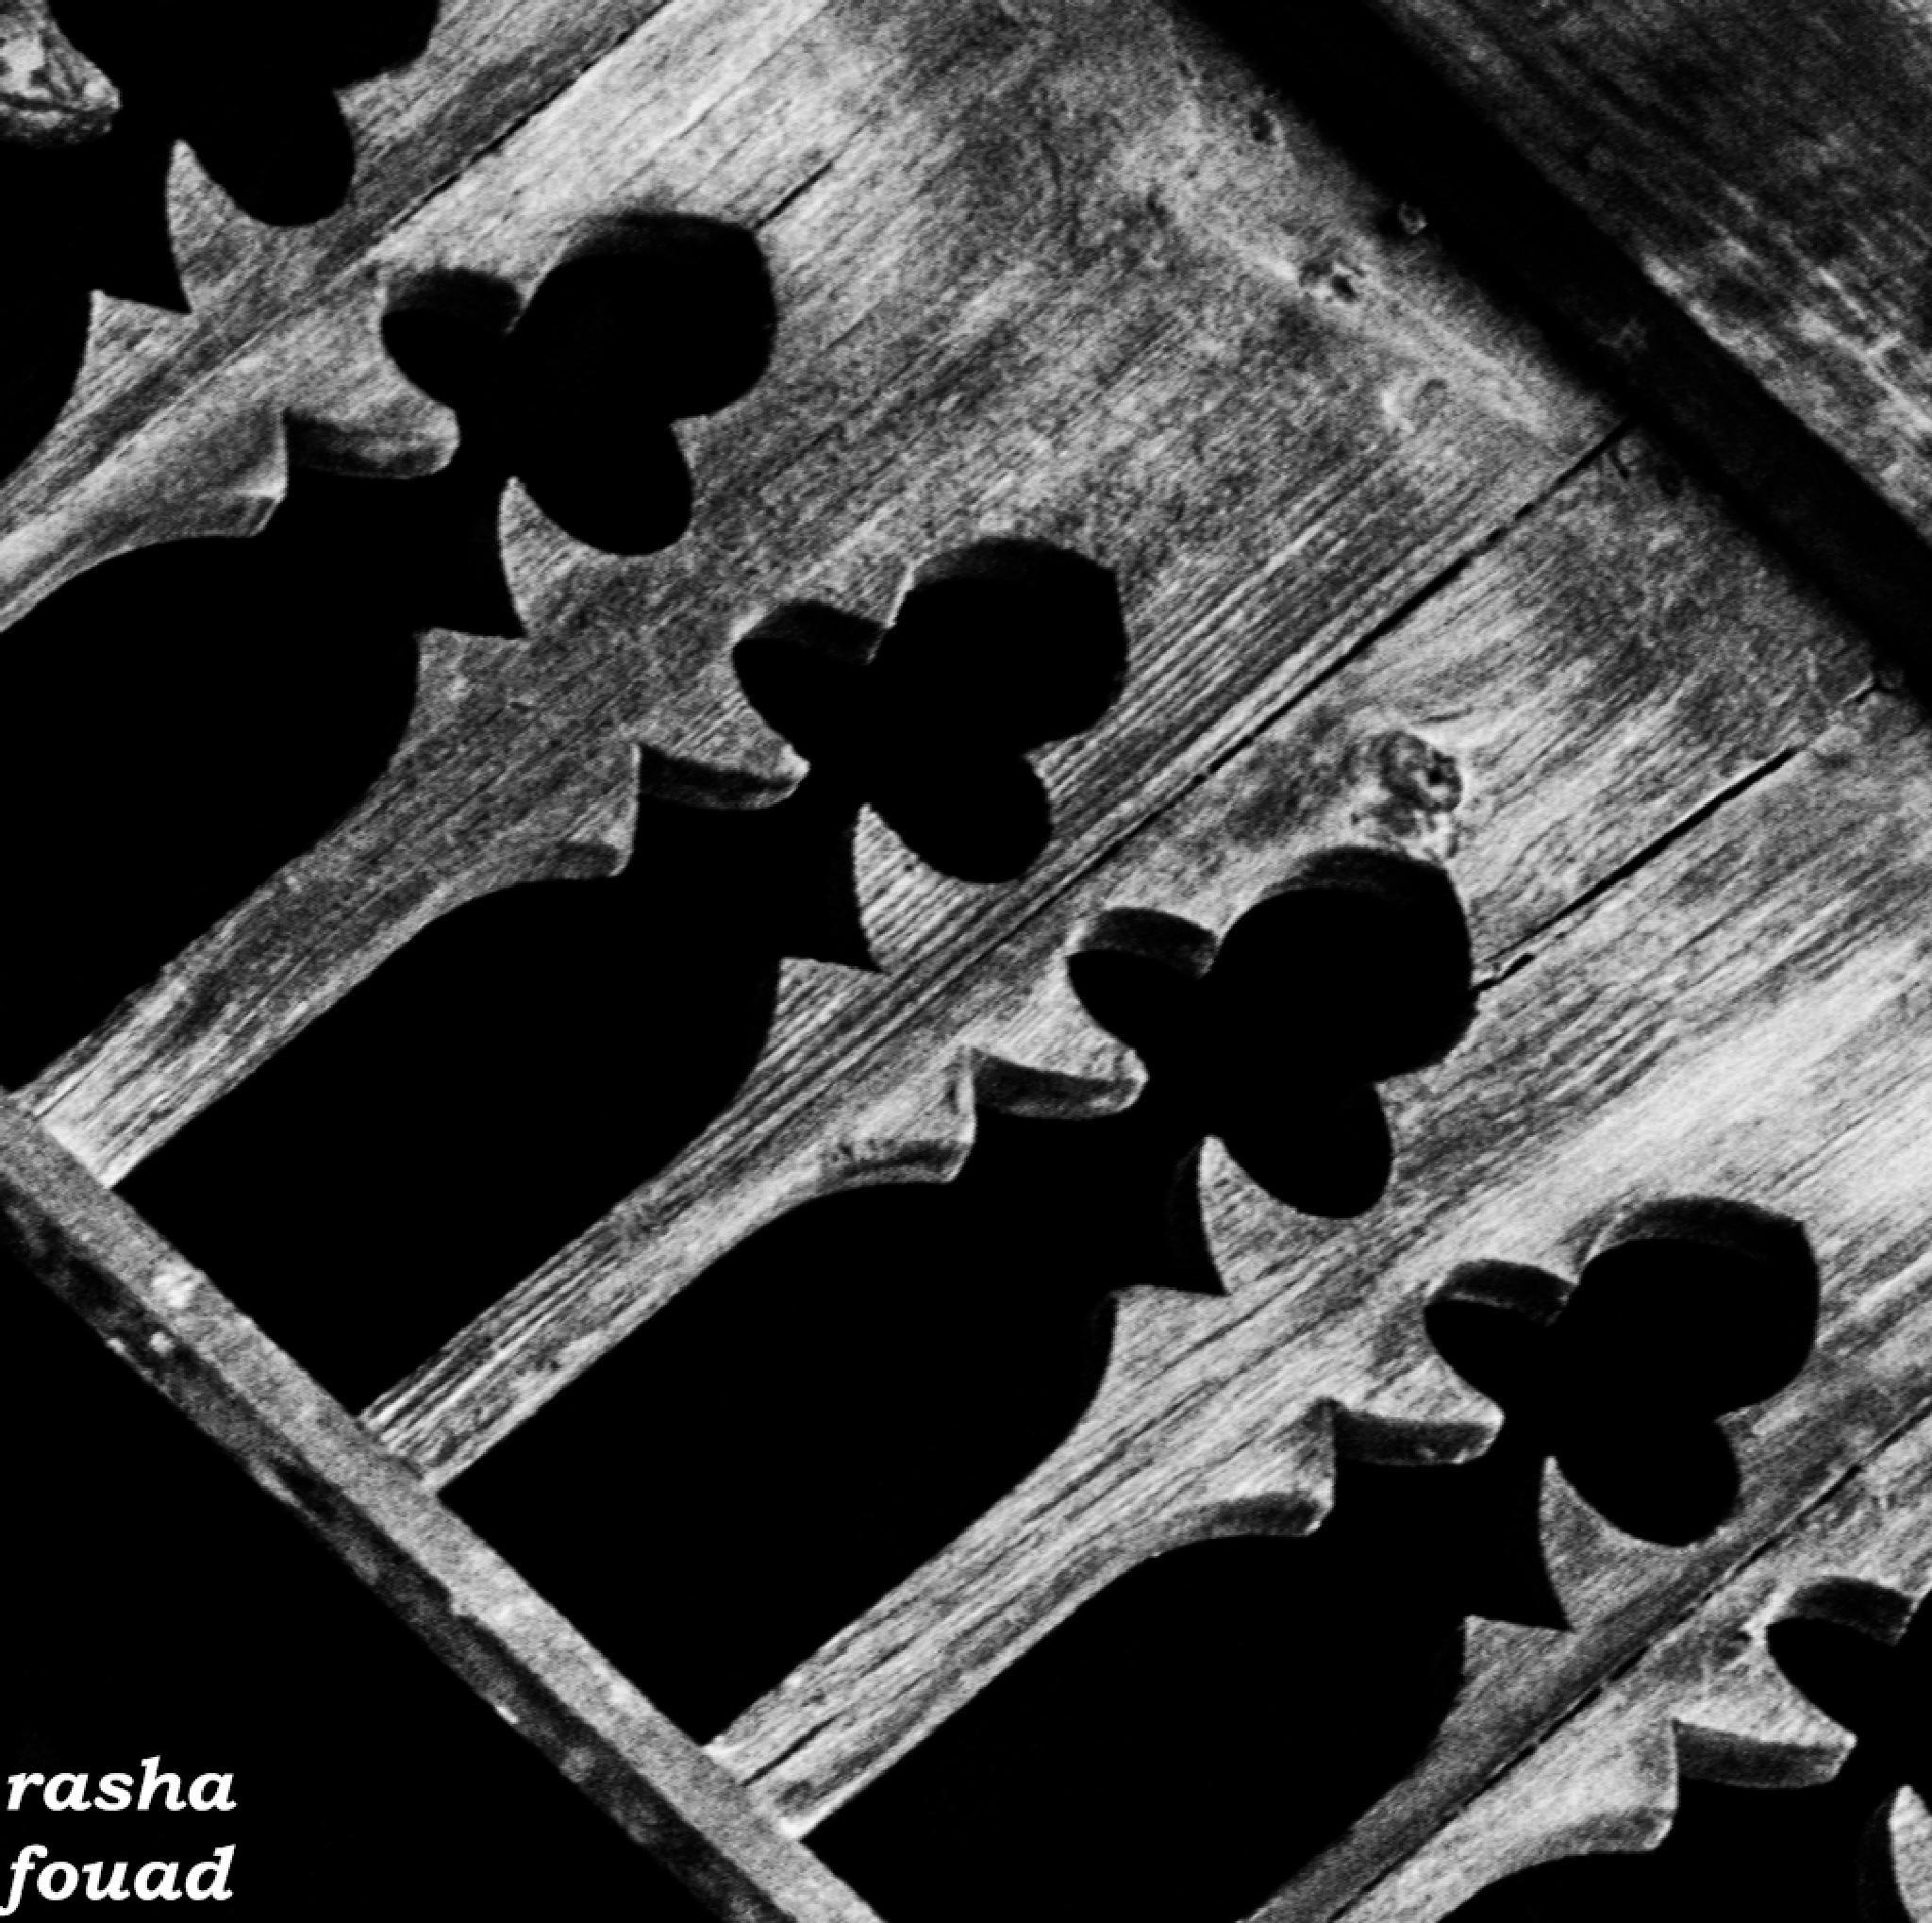 Untitled by Rashafouad